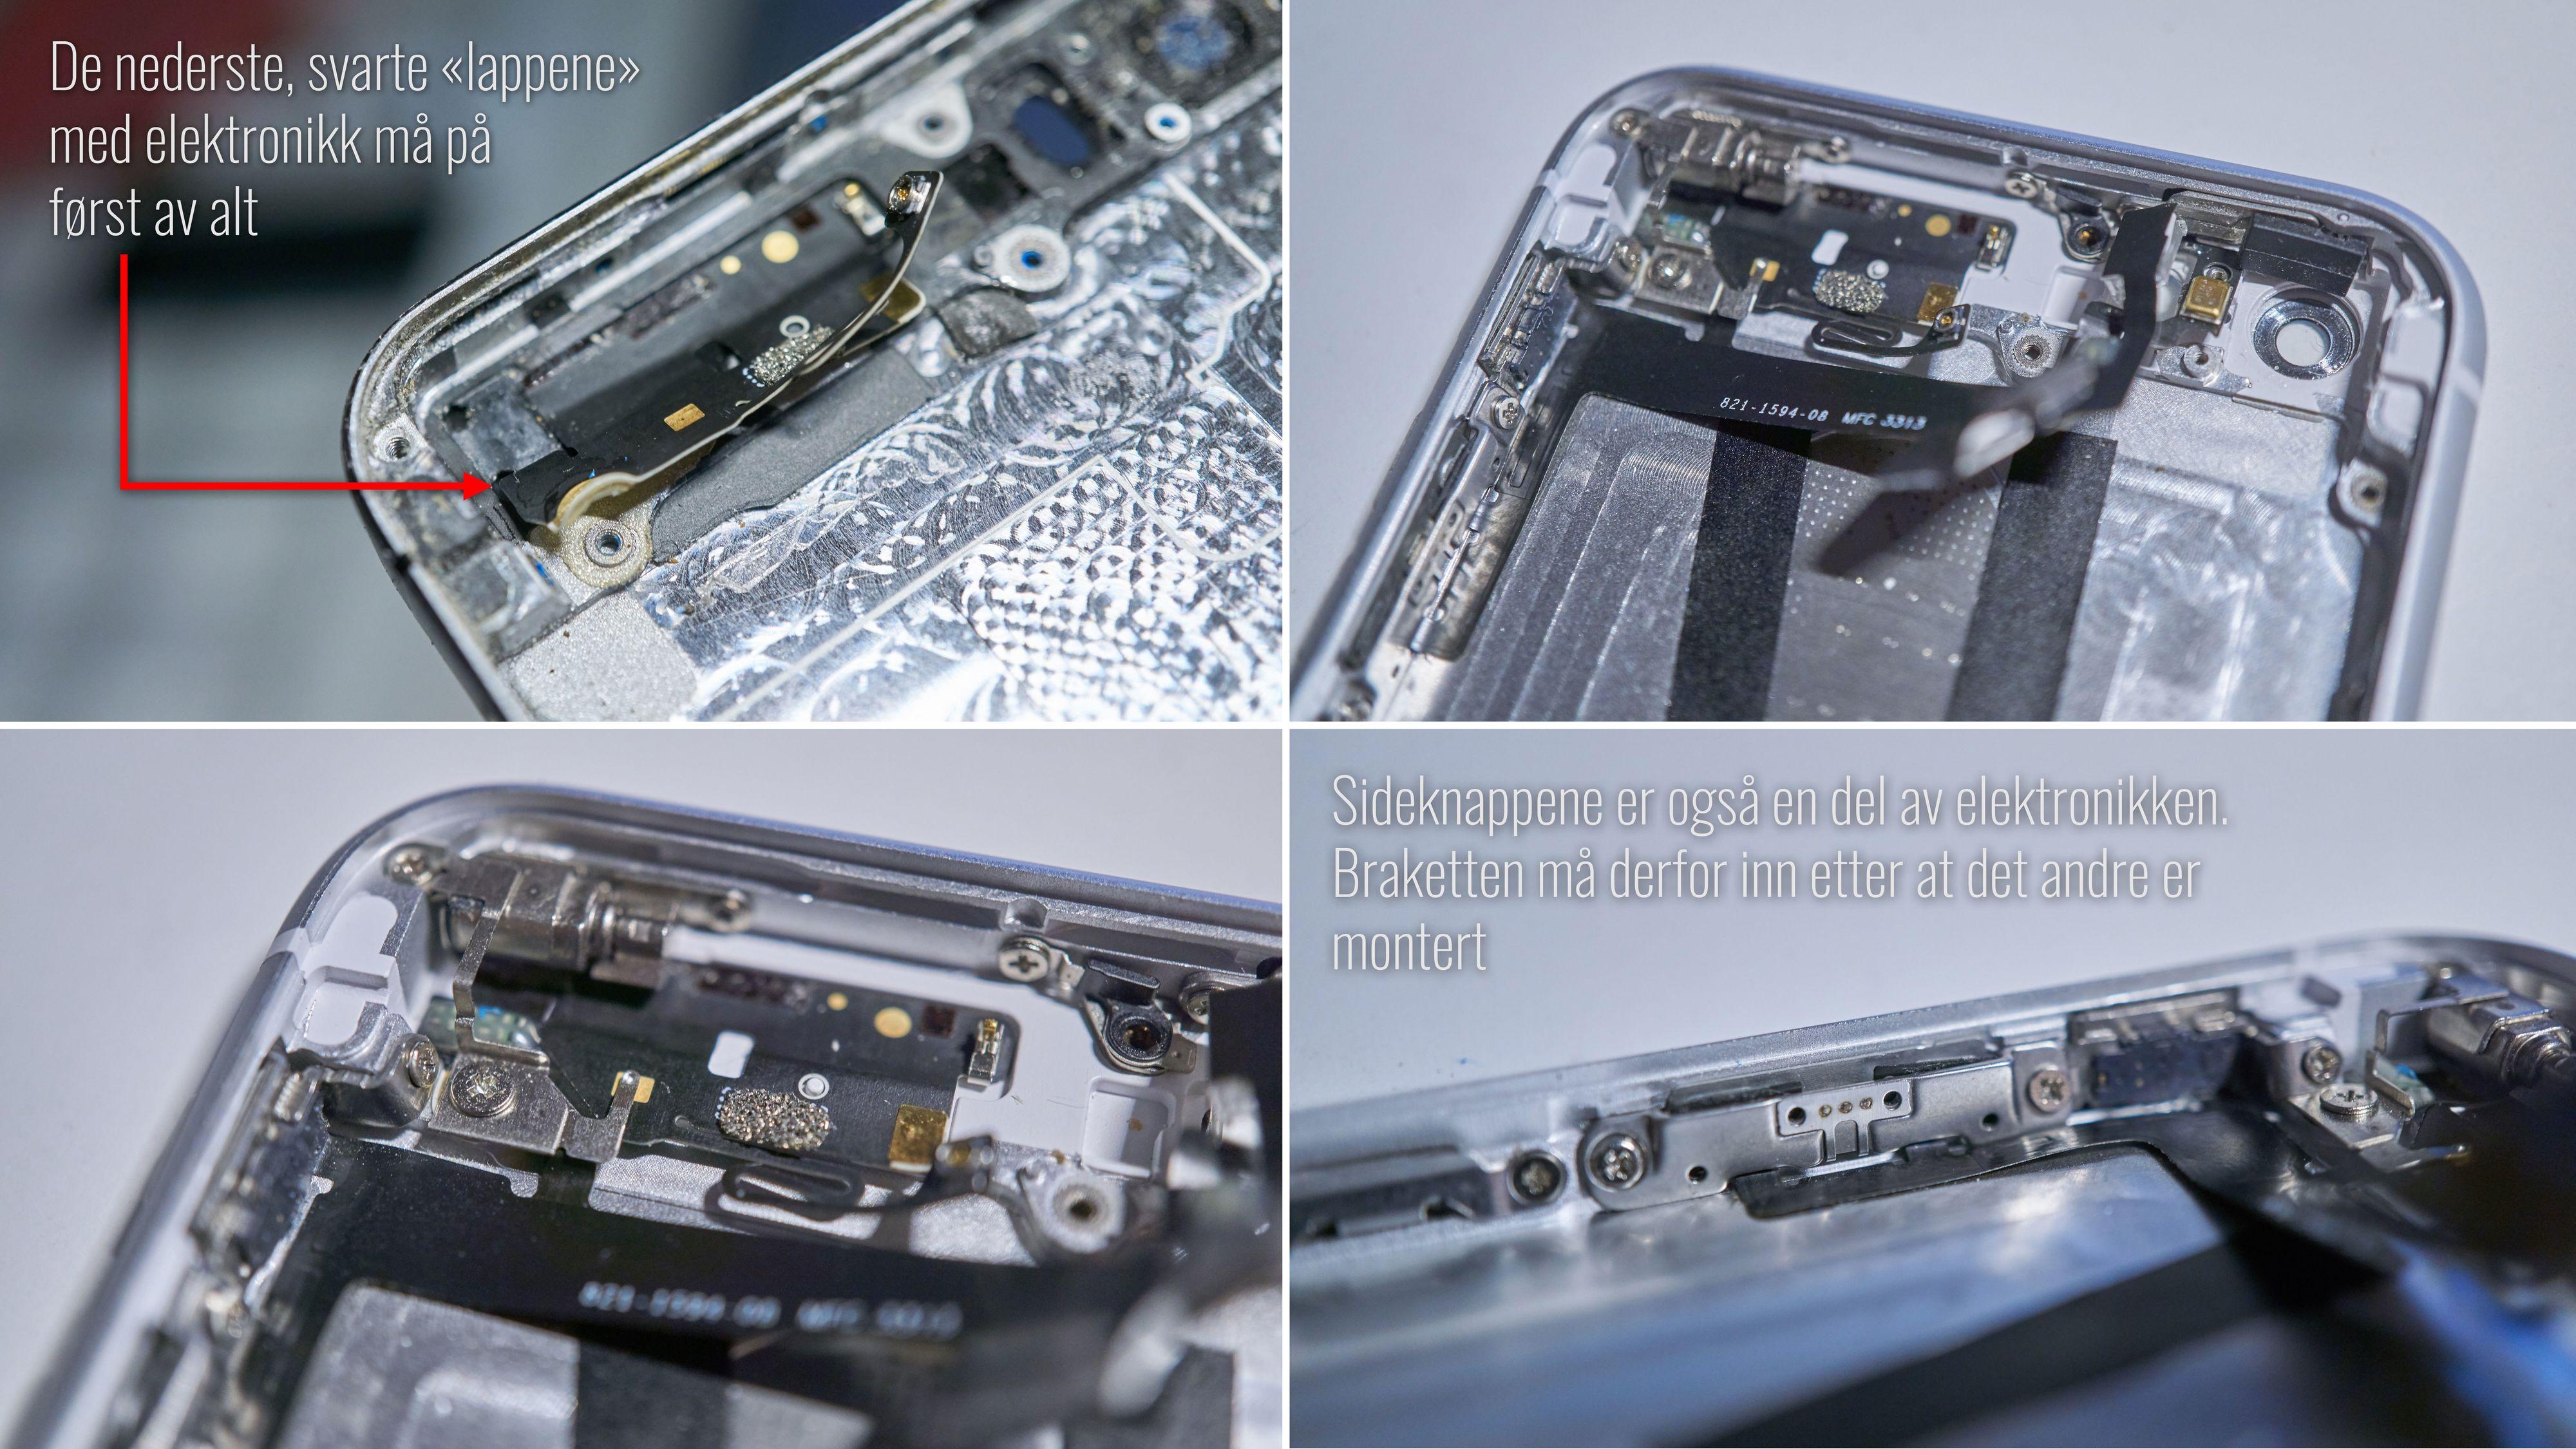 I toppen er det samme prosedyre som i bunn: først flat elektronikk, så skru fast øvrige deler.